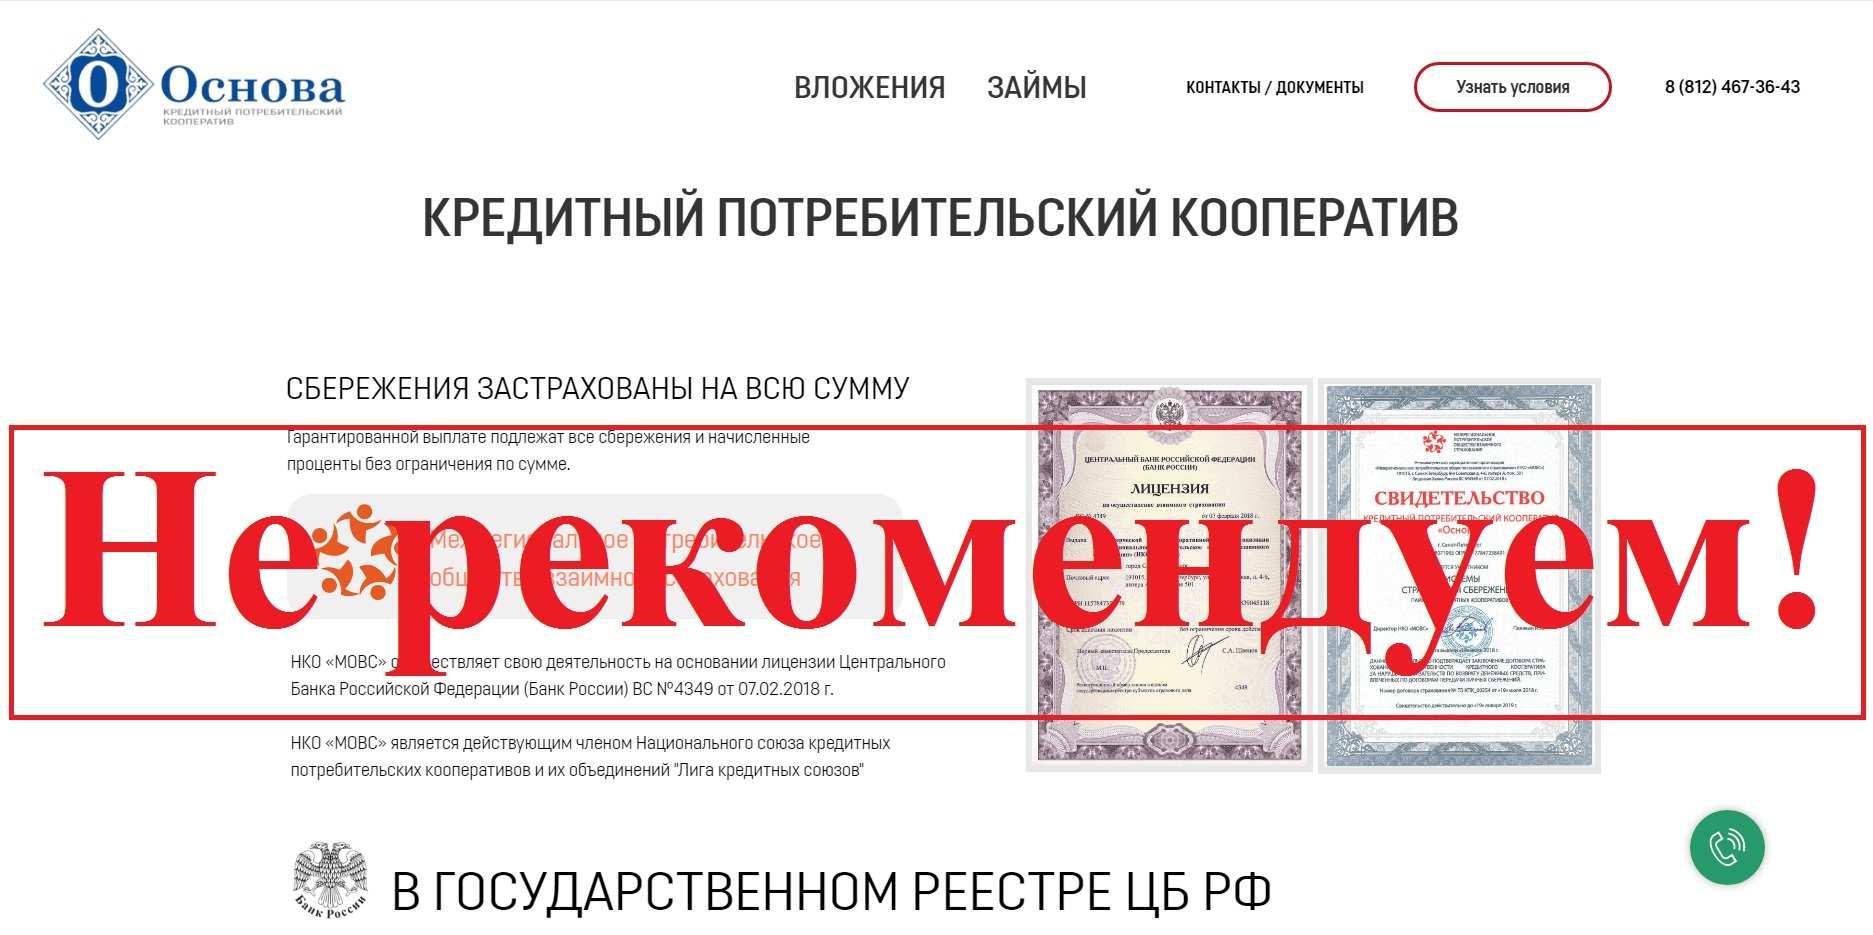 КПК Основа – отзывы об инвестициях в КПК Основа